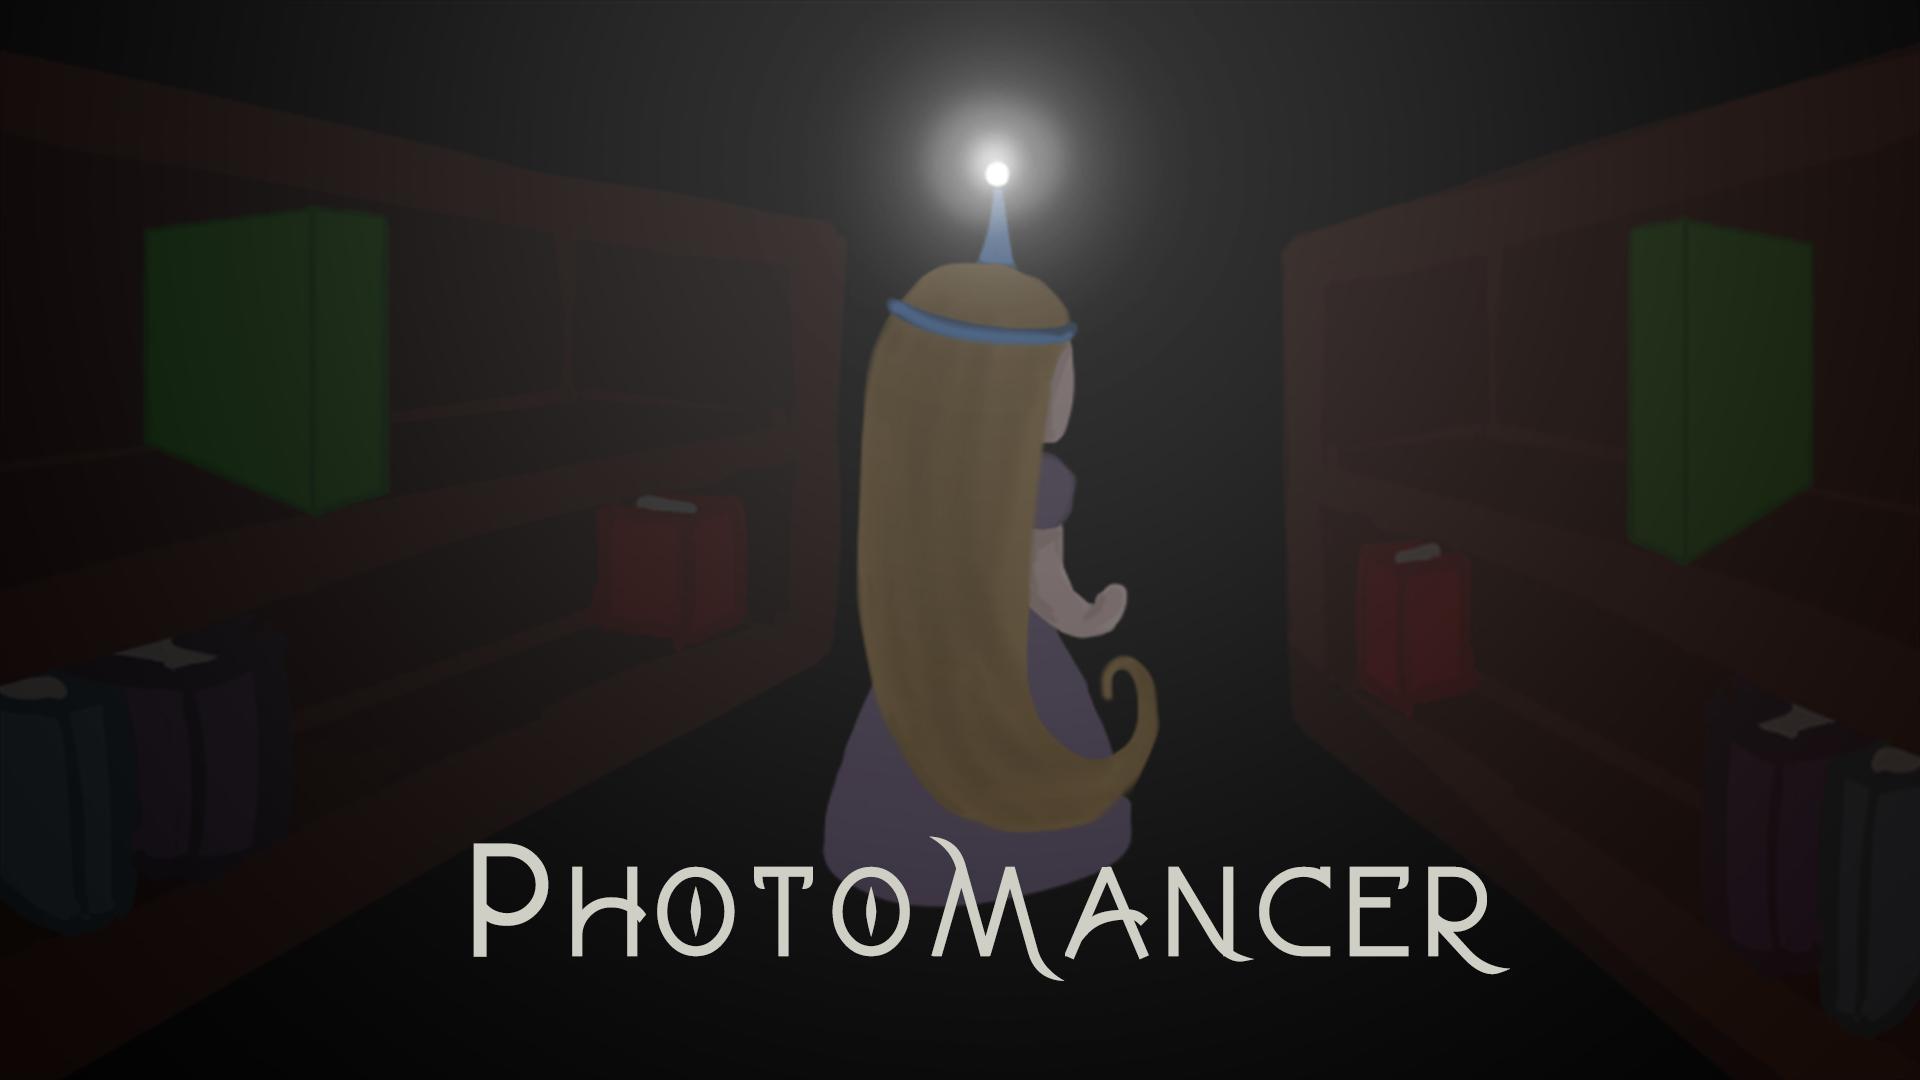 Photomancer